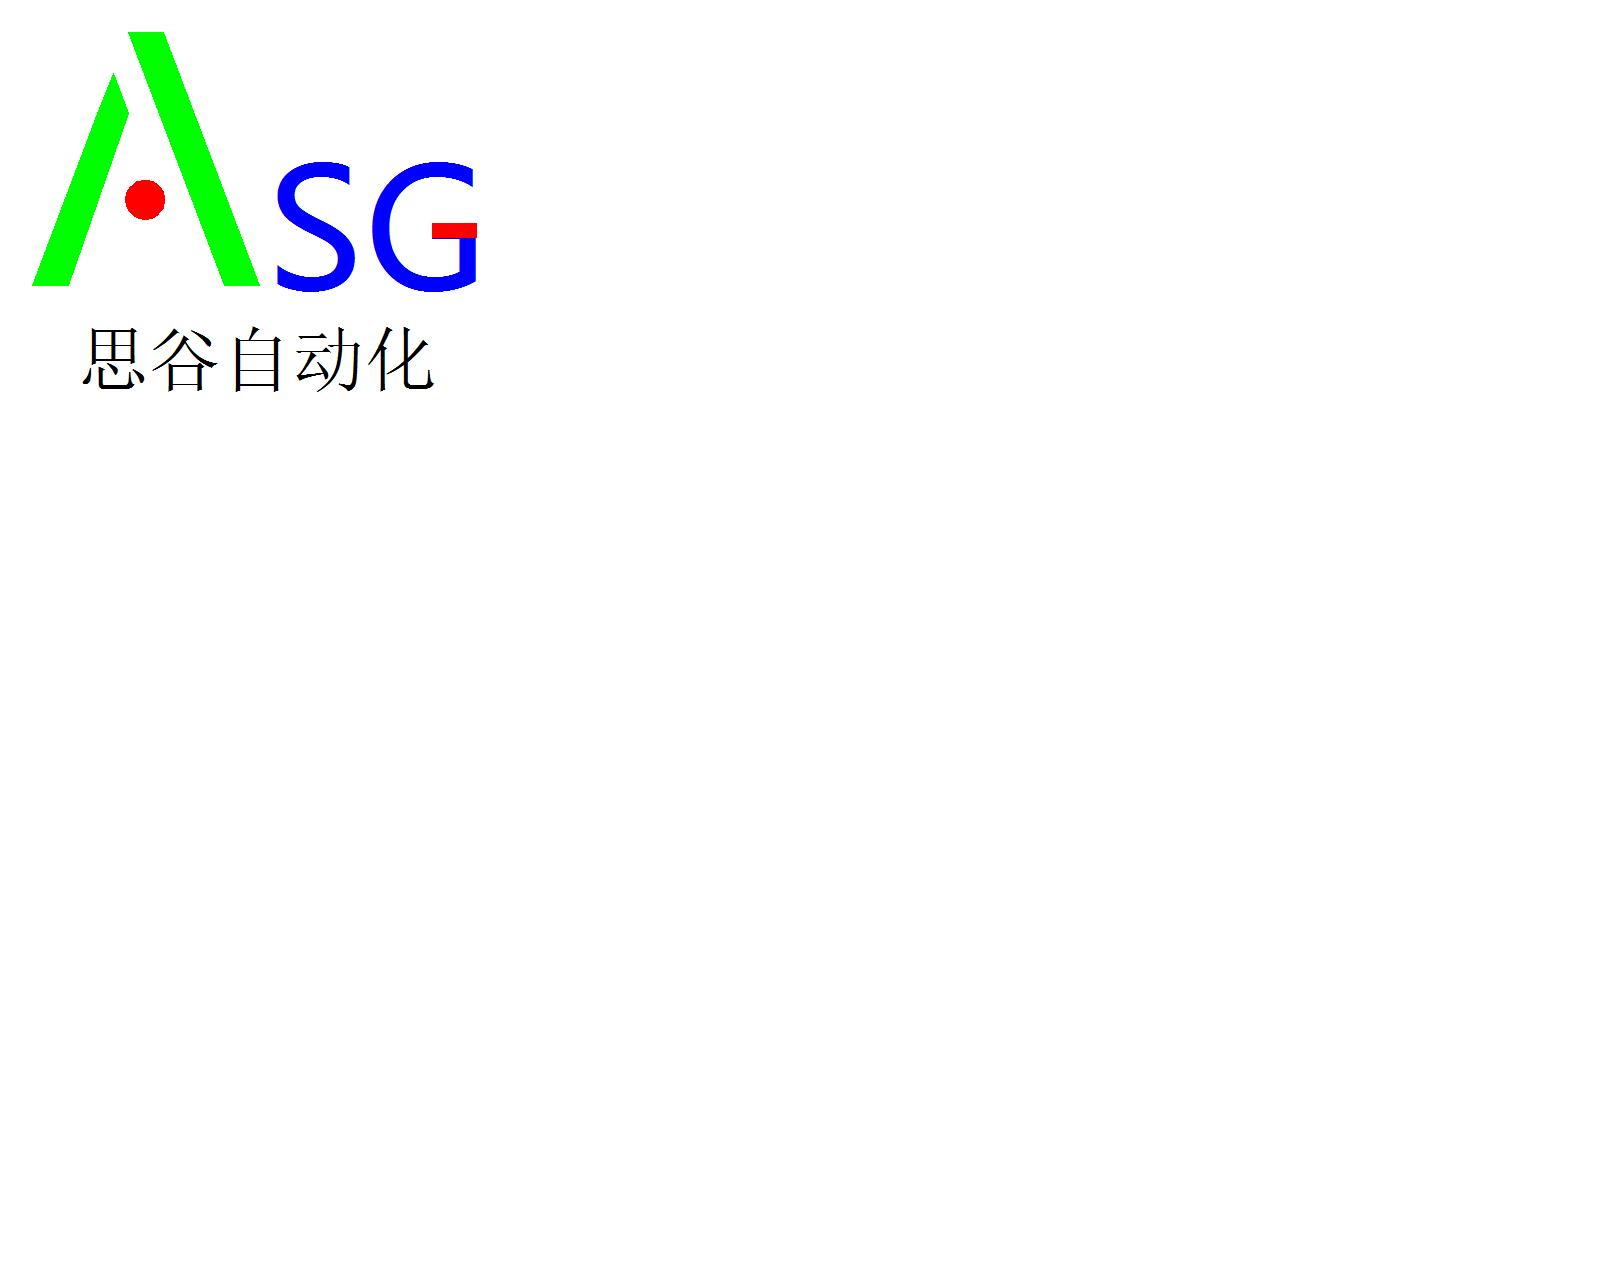 锦州思谷自动化工程有限公司